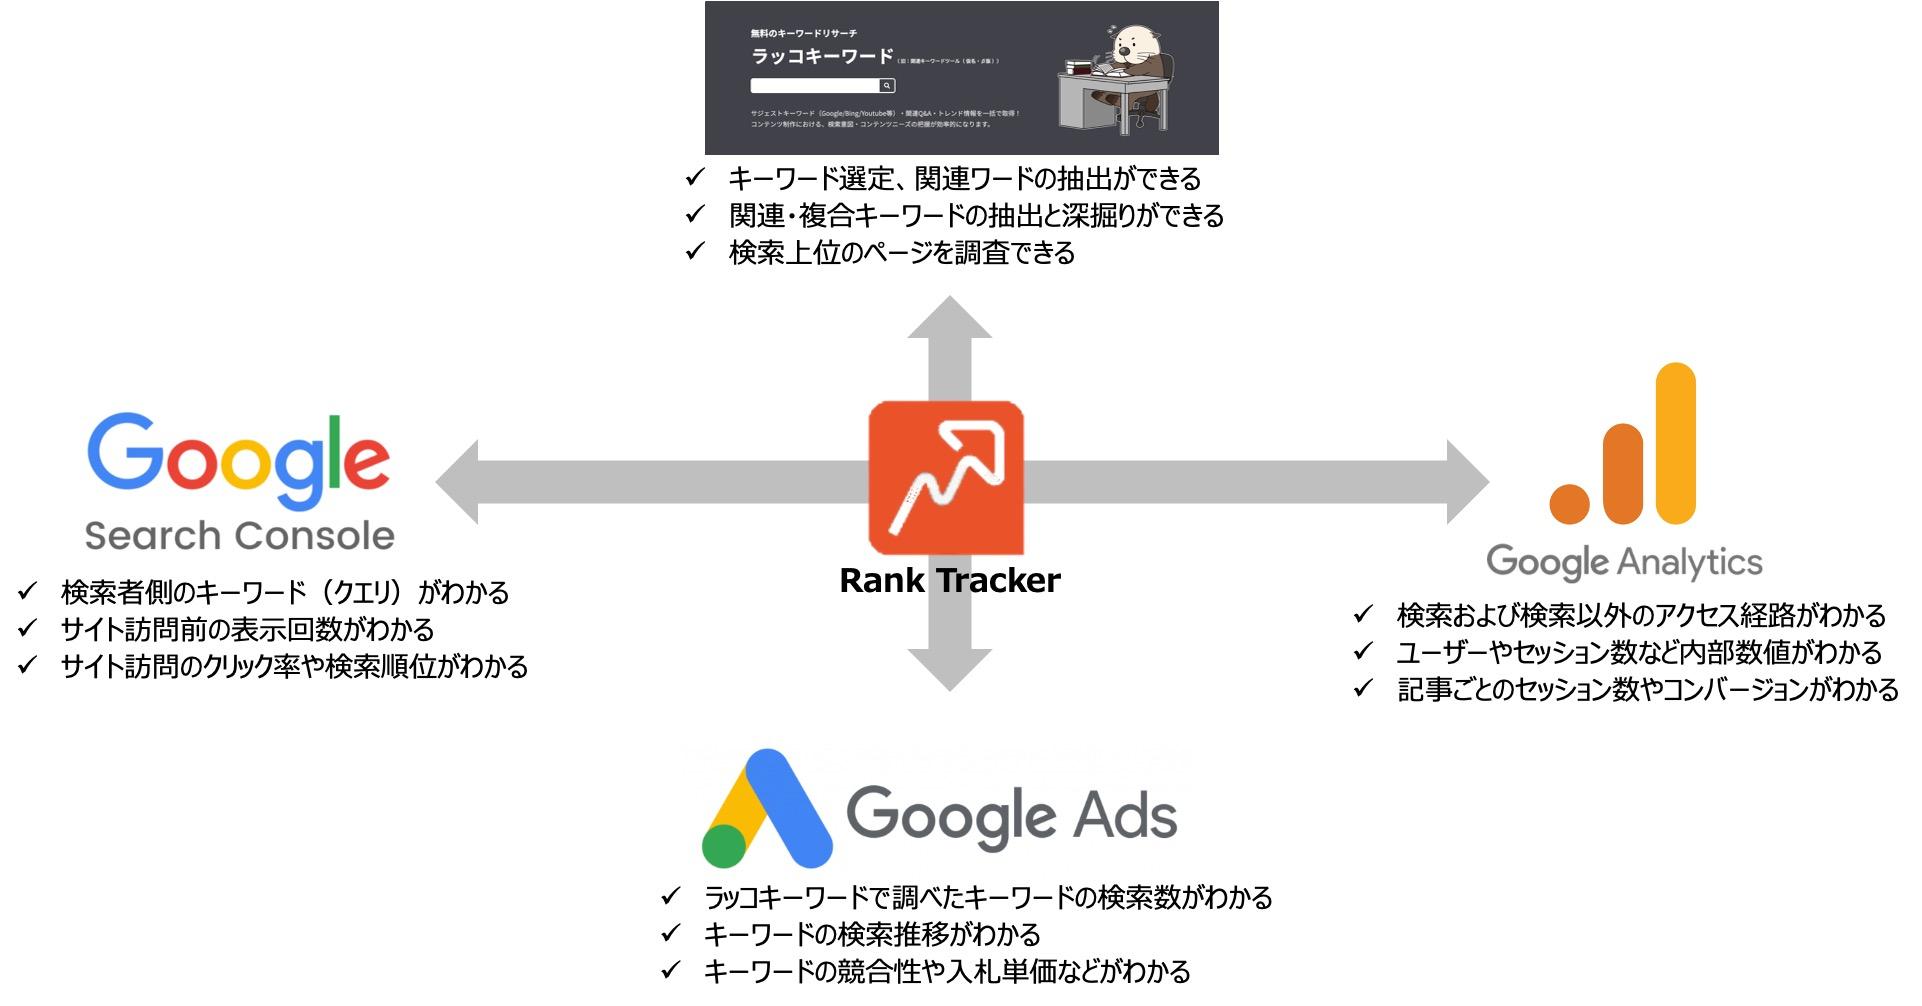 Rank TrackerでSEO検索順位と競合サイト分析